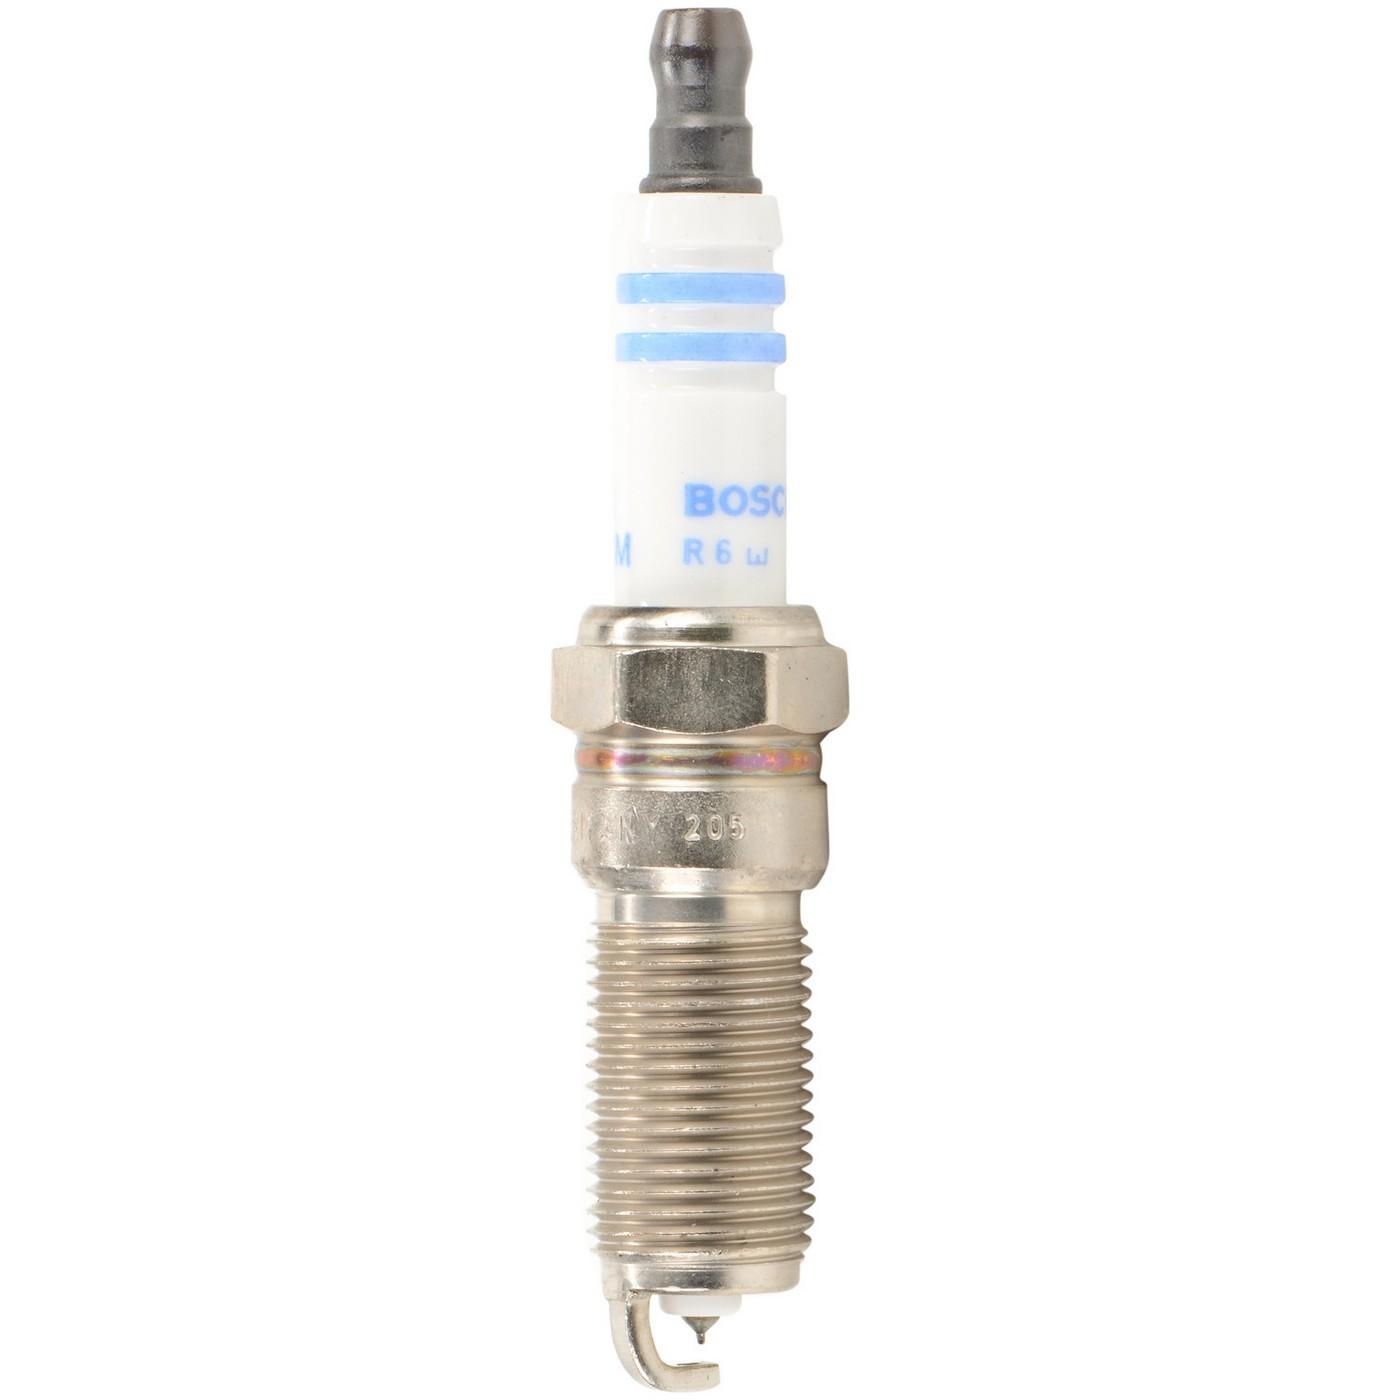 Double Platinum Spark Plugs Bosch Auto Parts 2003 Gmc Envoy Diagram Engine Car And Component